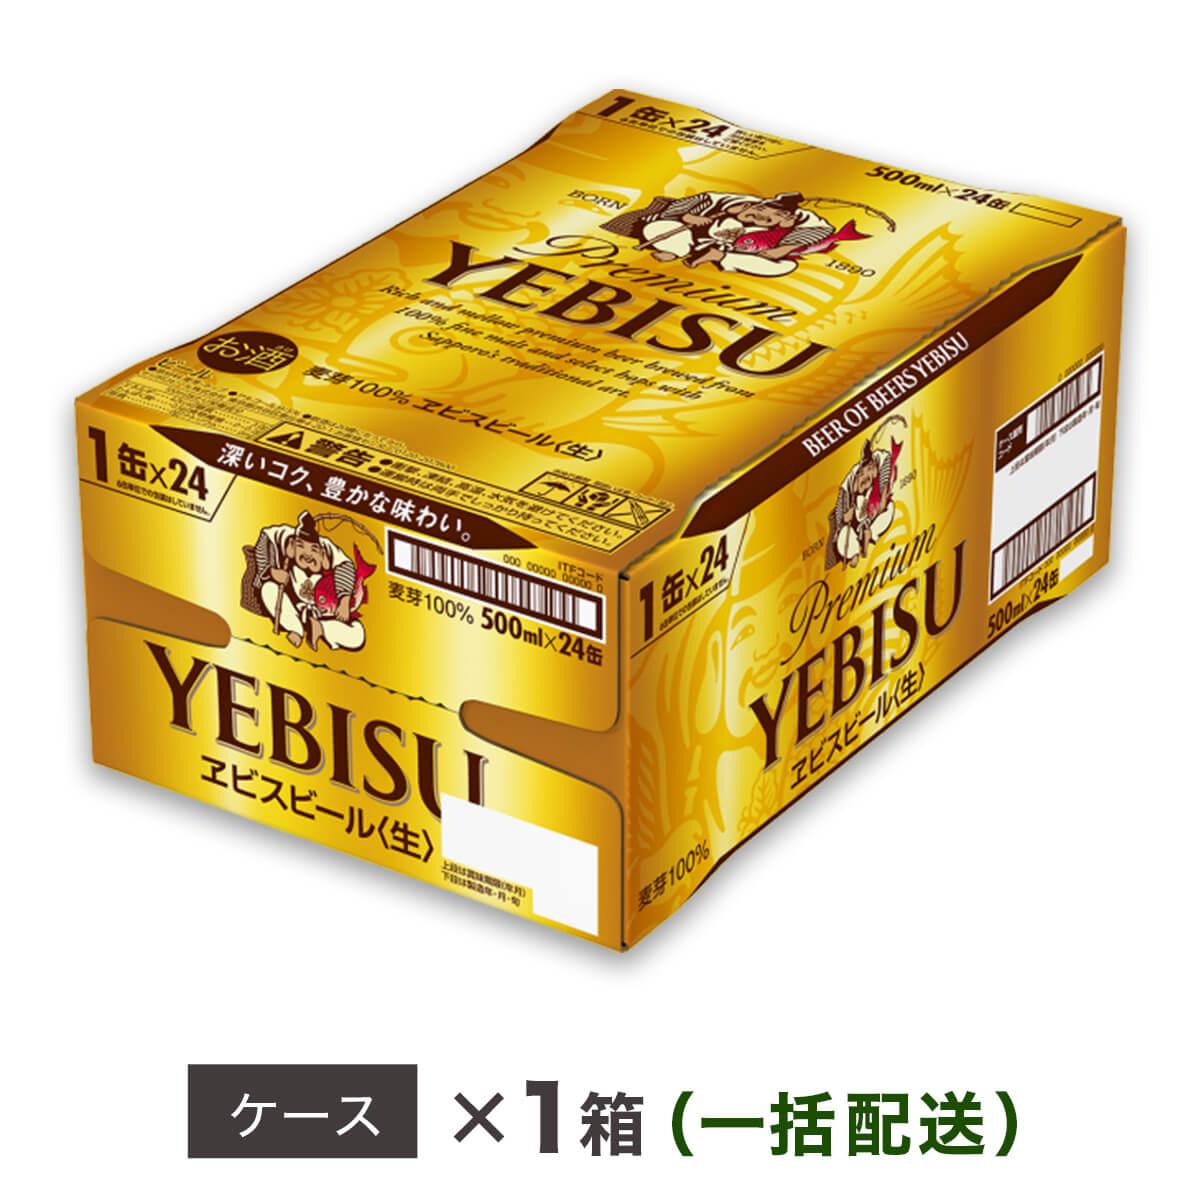 【ふるさと納税】地元名取生産ヱビスビール 500ml×24本入( 1ケース)